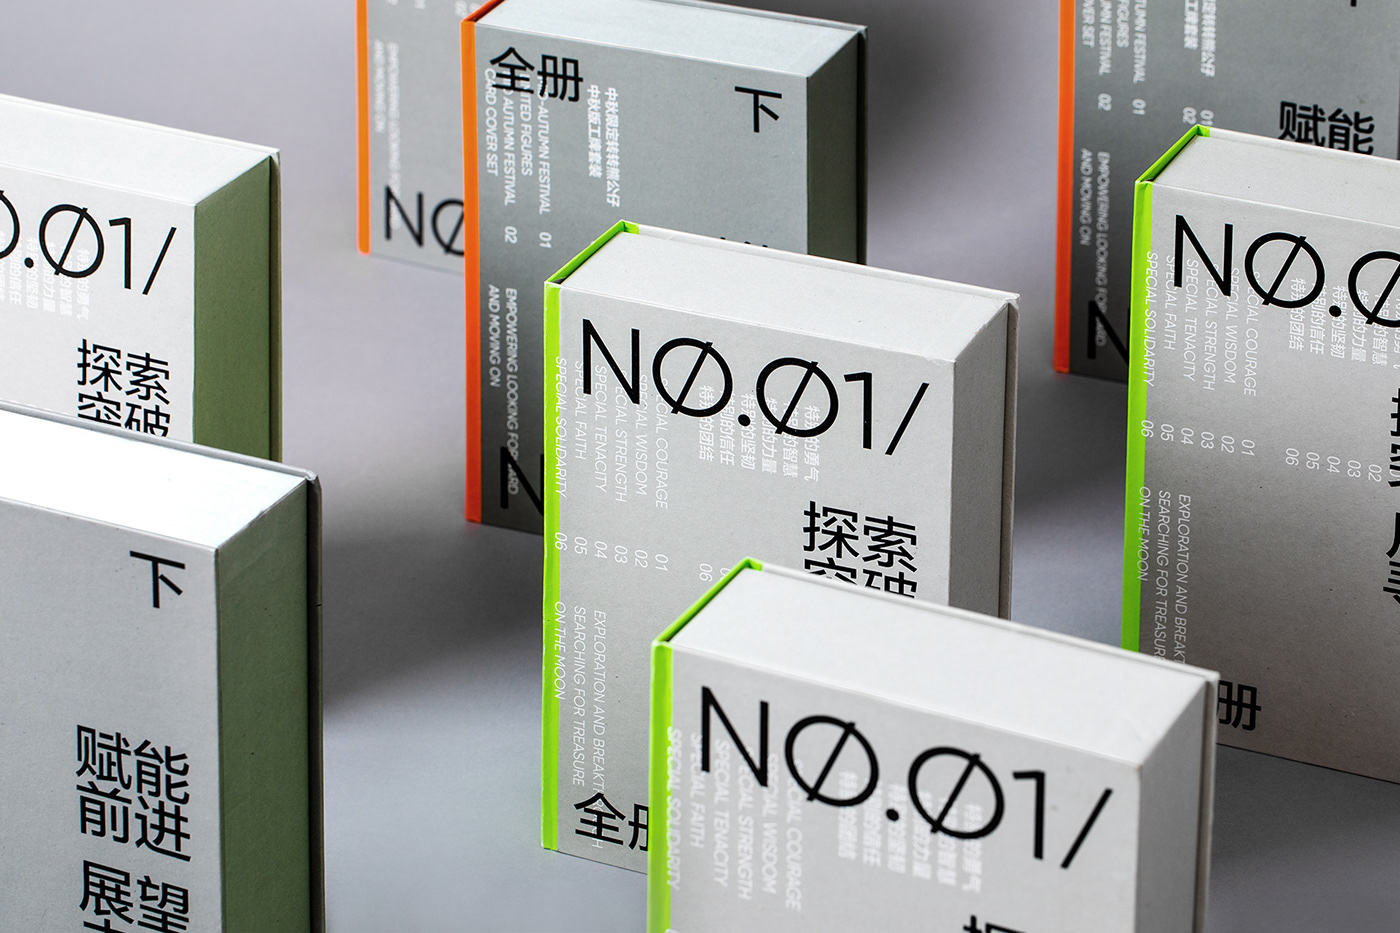 Brand Design gift box design Packaging 中秋节 包装设计 packaging design 品牌设计 月饼 礼盒设计 礼盒设计、包装设计、创意、平面